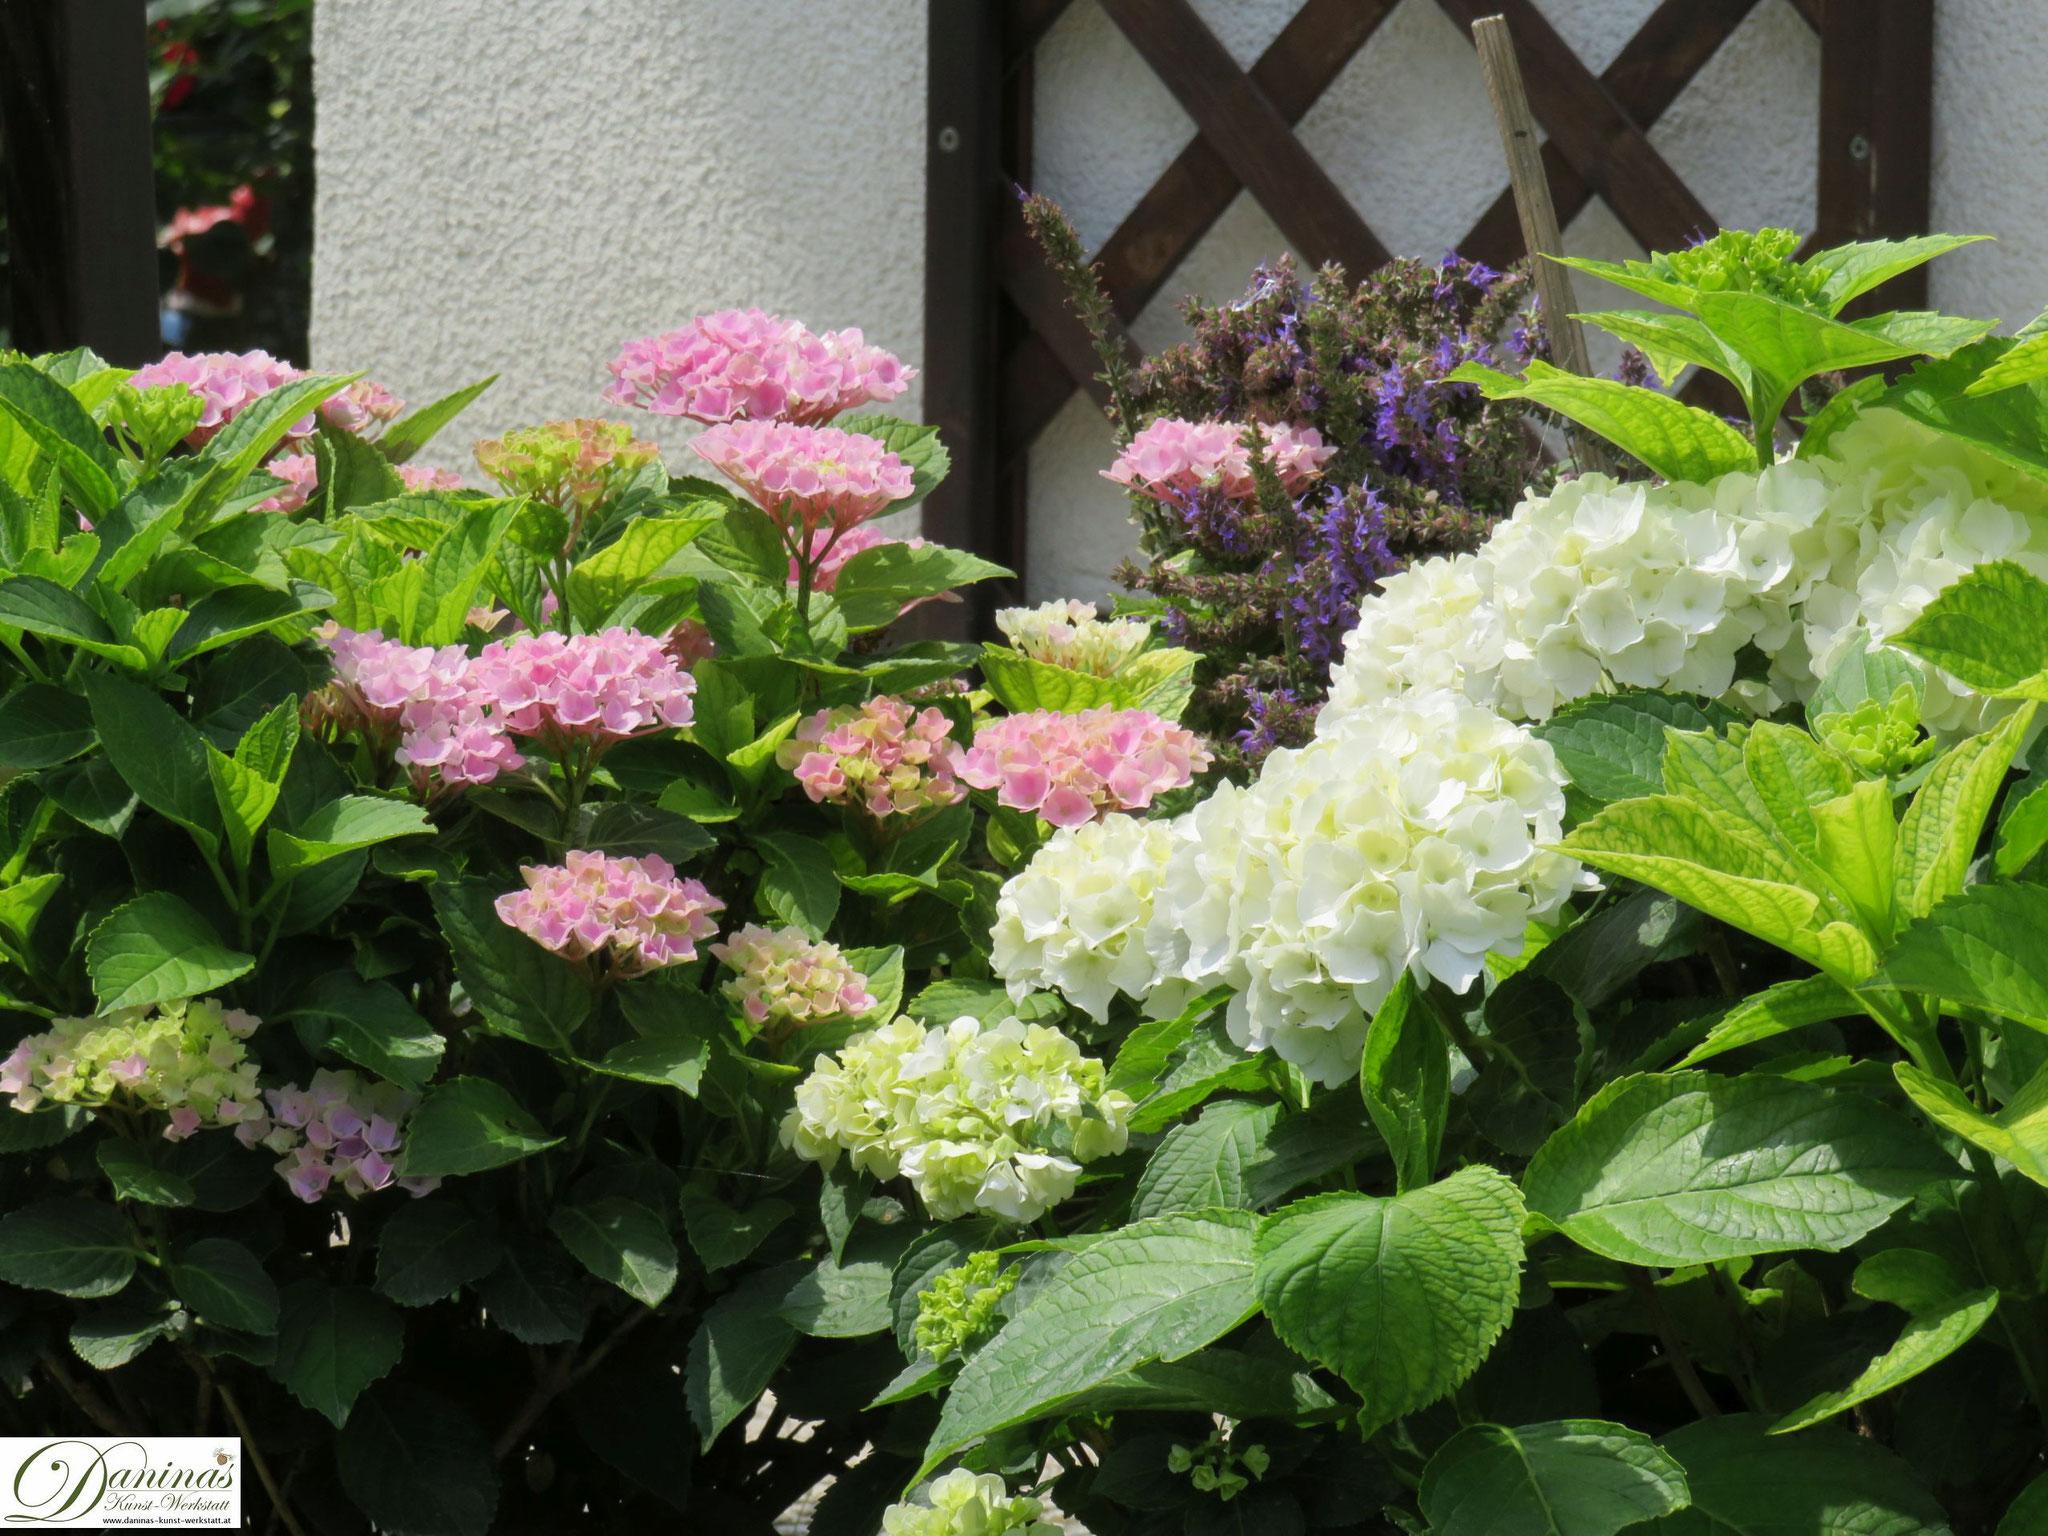 Romantisches Gartenbeet mit rosa und weißen Hortensien